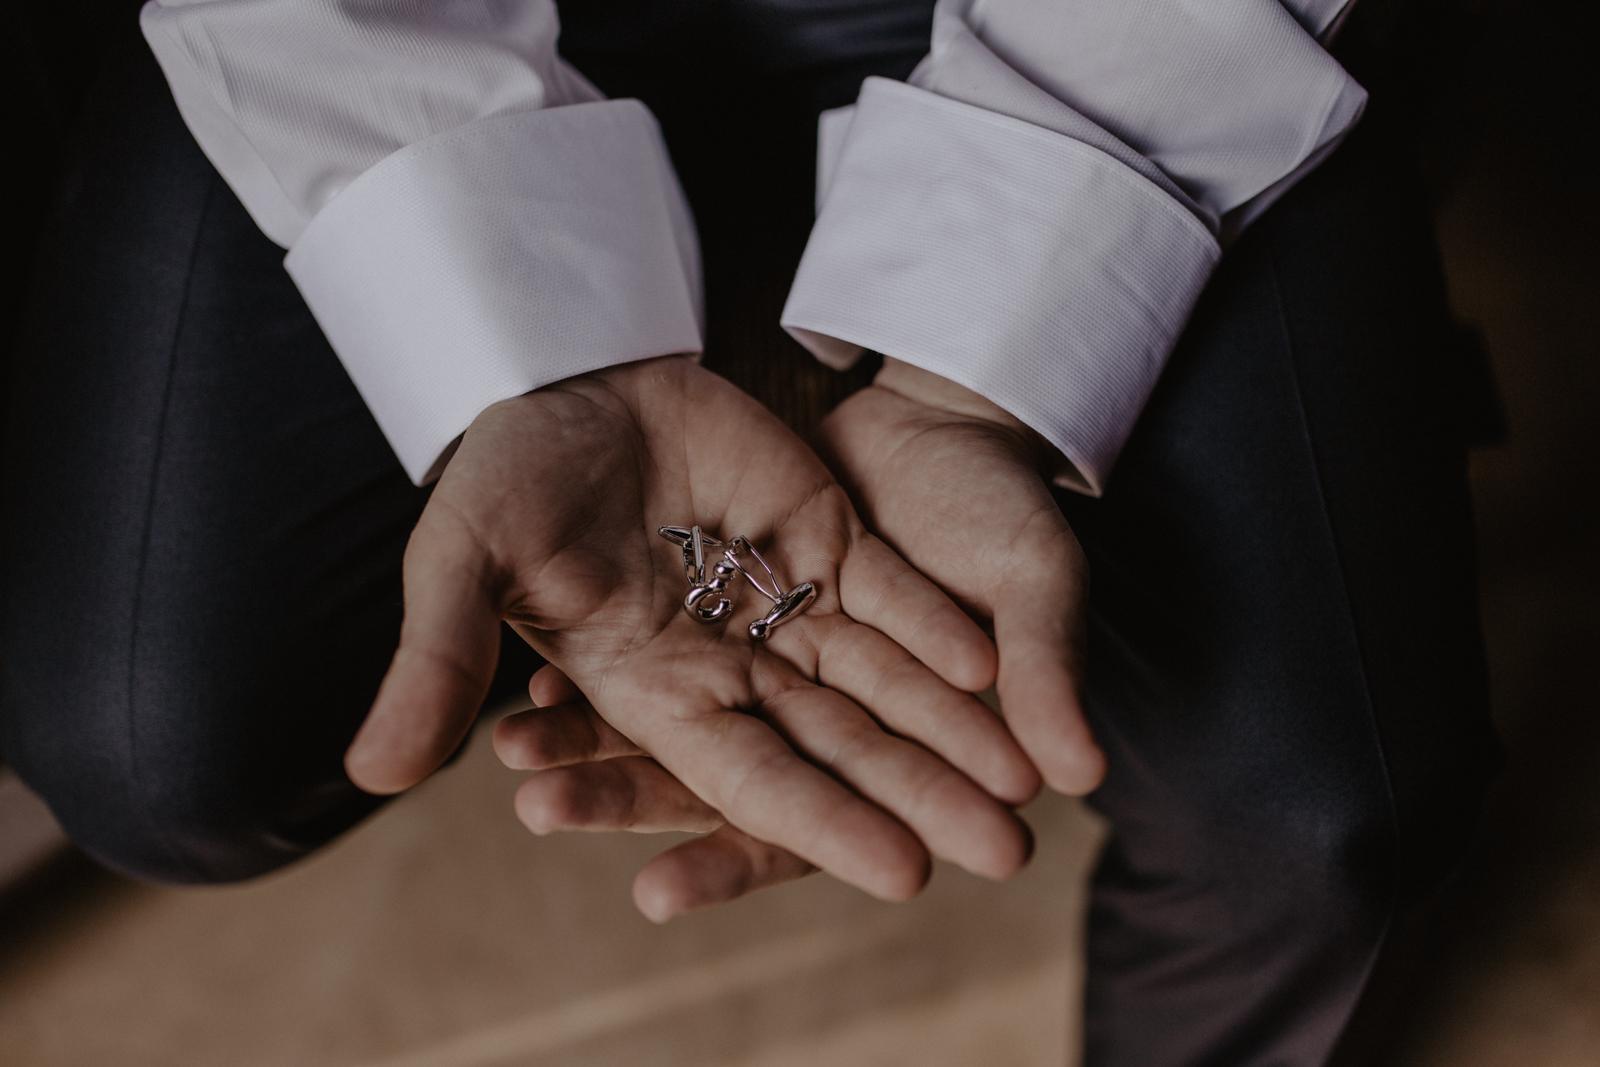 thenortherngirlphotography_photography_thenortherngirl_rebeccascabros_wedding_weddingphotography_weddingphotographer_barcelona_bodaenlabaronia_labaronia_japanesewedding_destinationwedding_shokoalbert-195.jpg